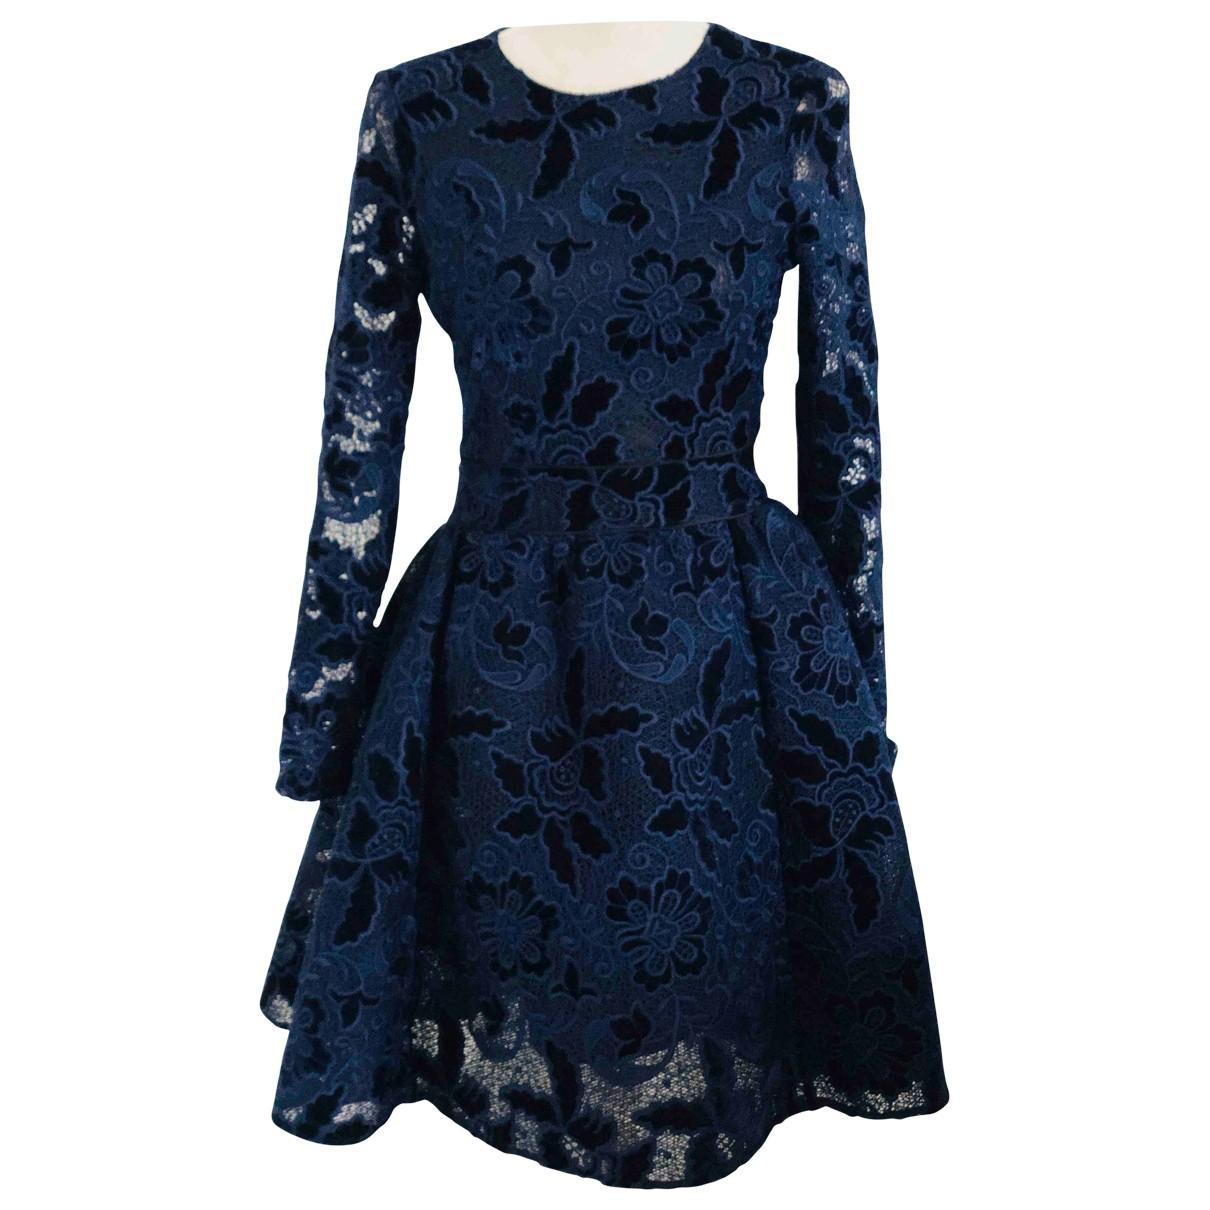 Maje Fall Winter 2019 Navy Velvet dress for Women 36 FR